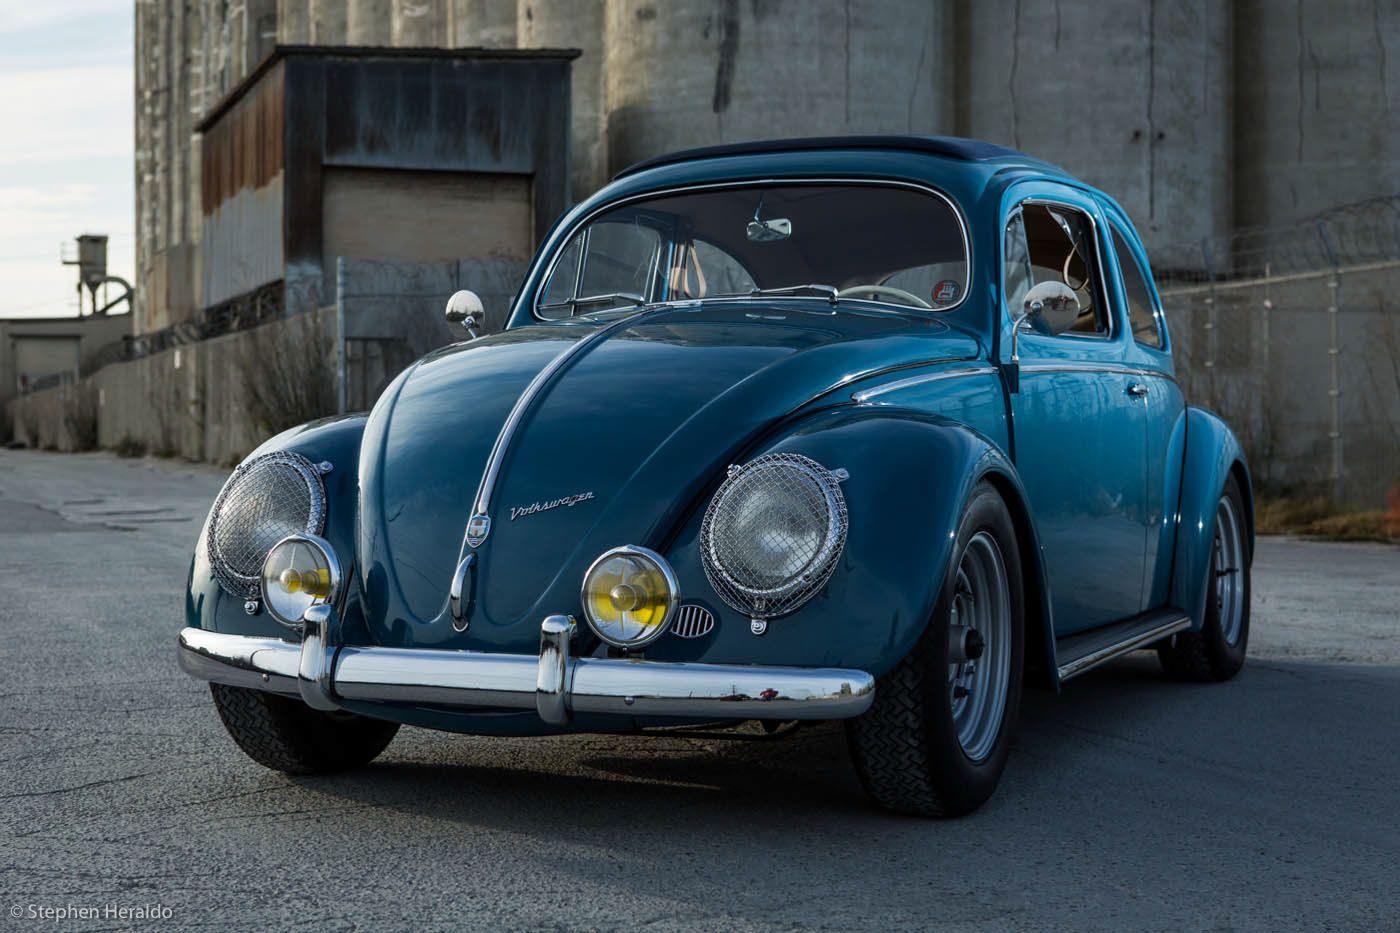 This '57 VW Beetle Has A Few Porsche Party Pieces